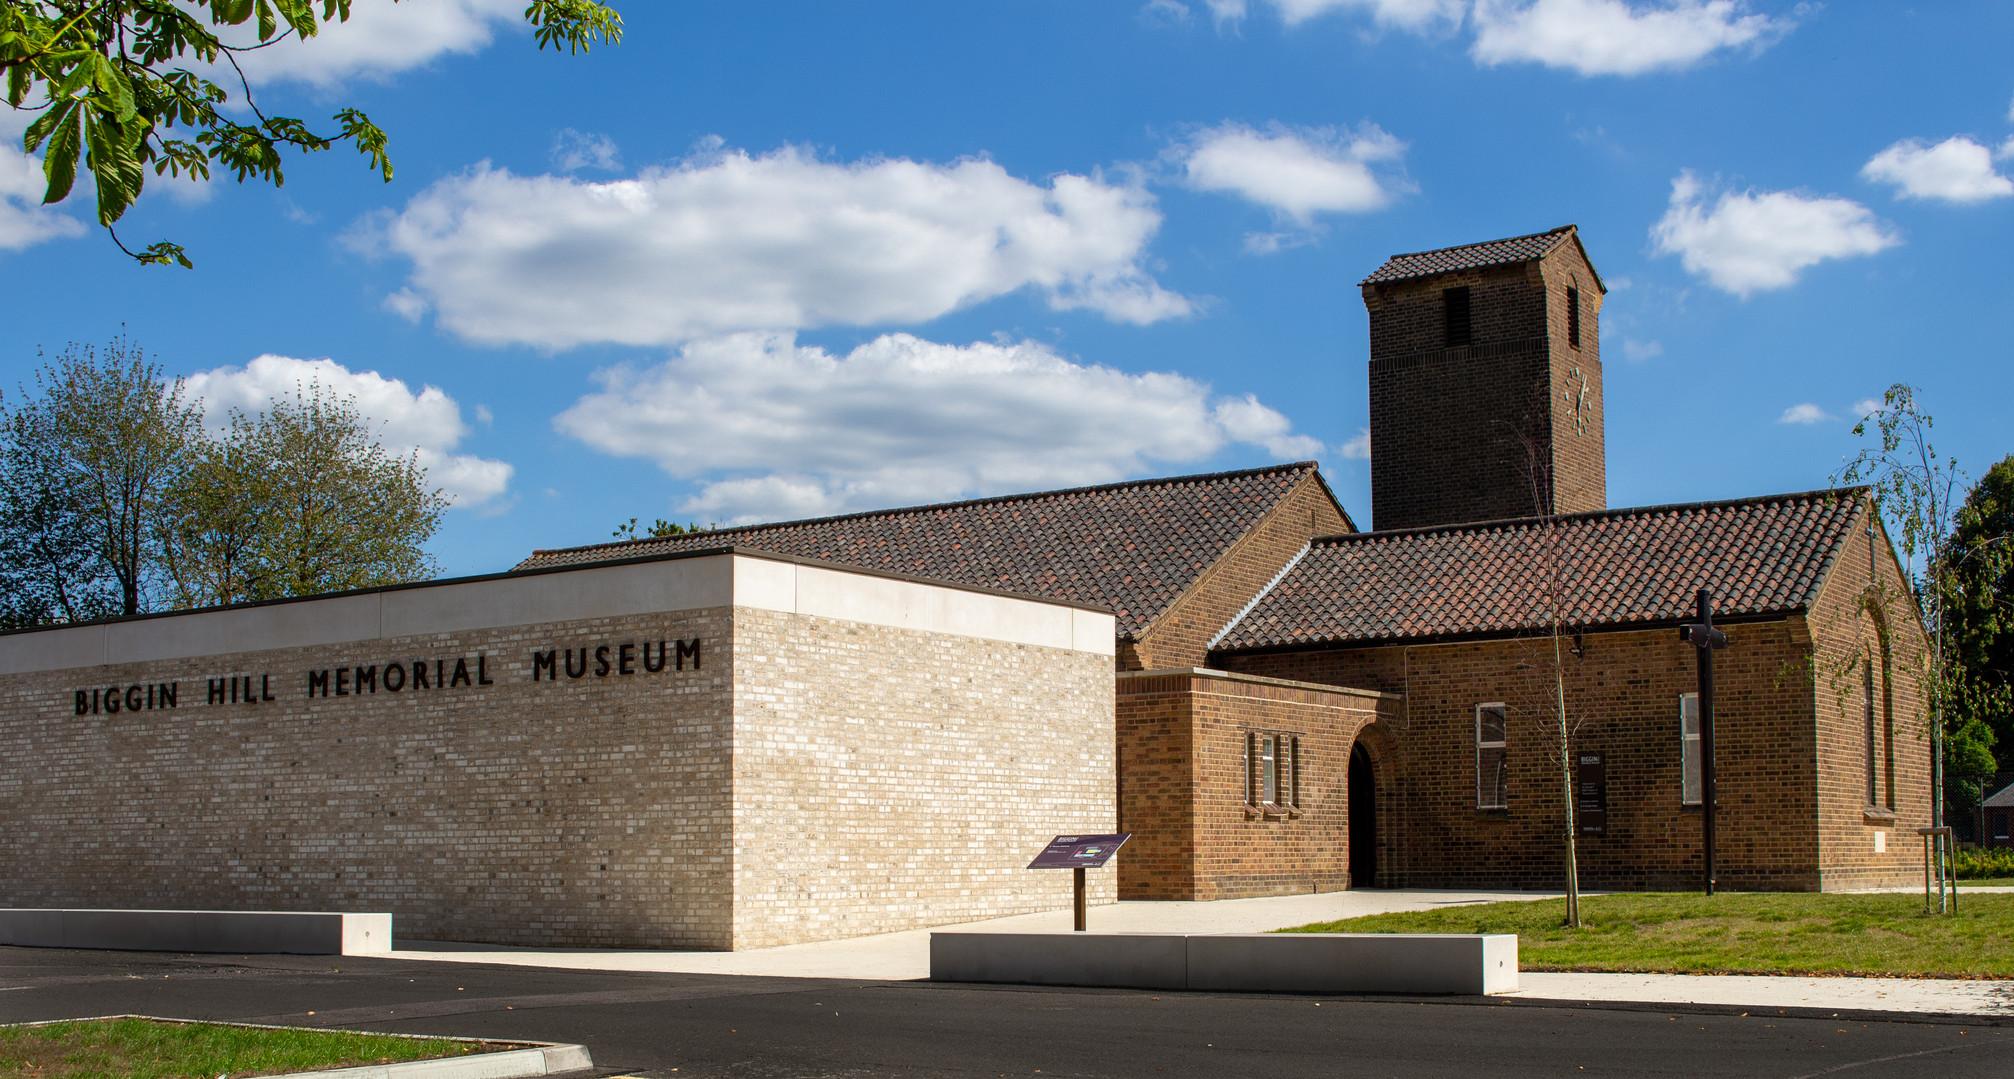 Biggin Hill Memorial Museum